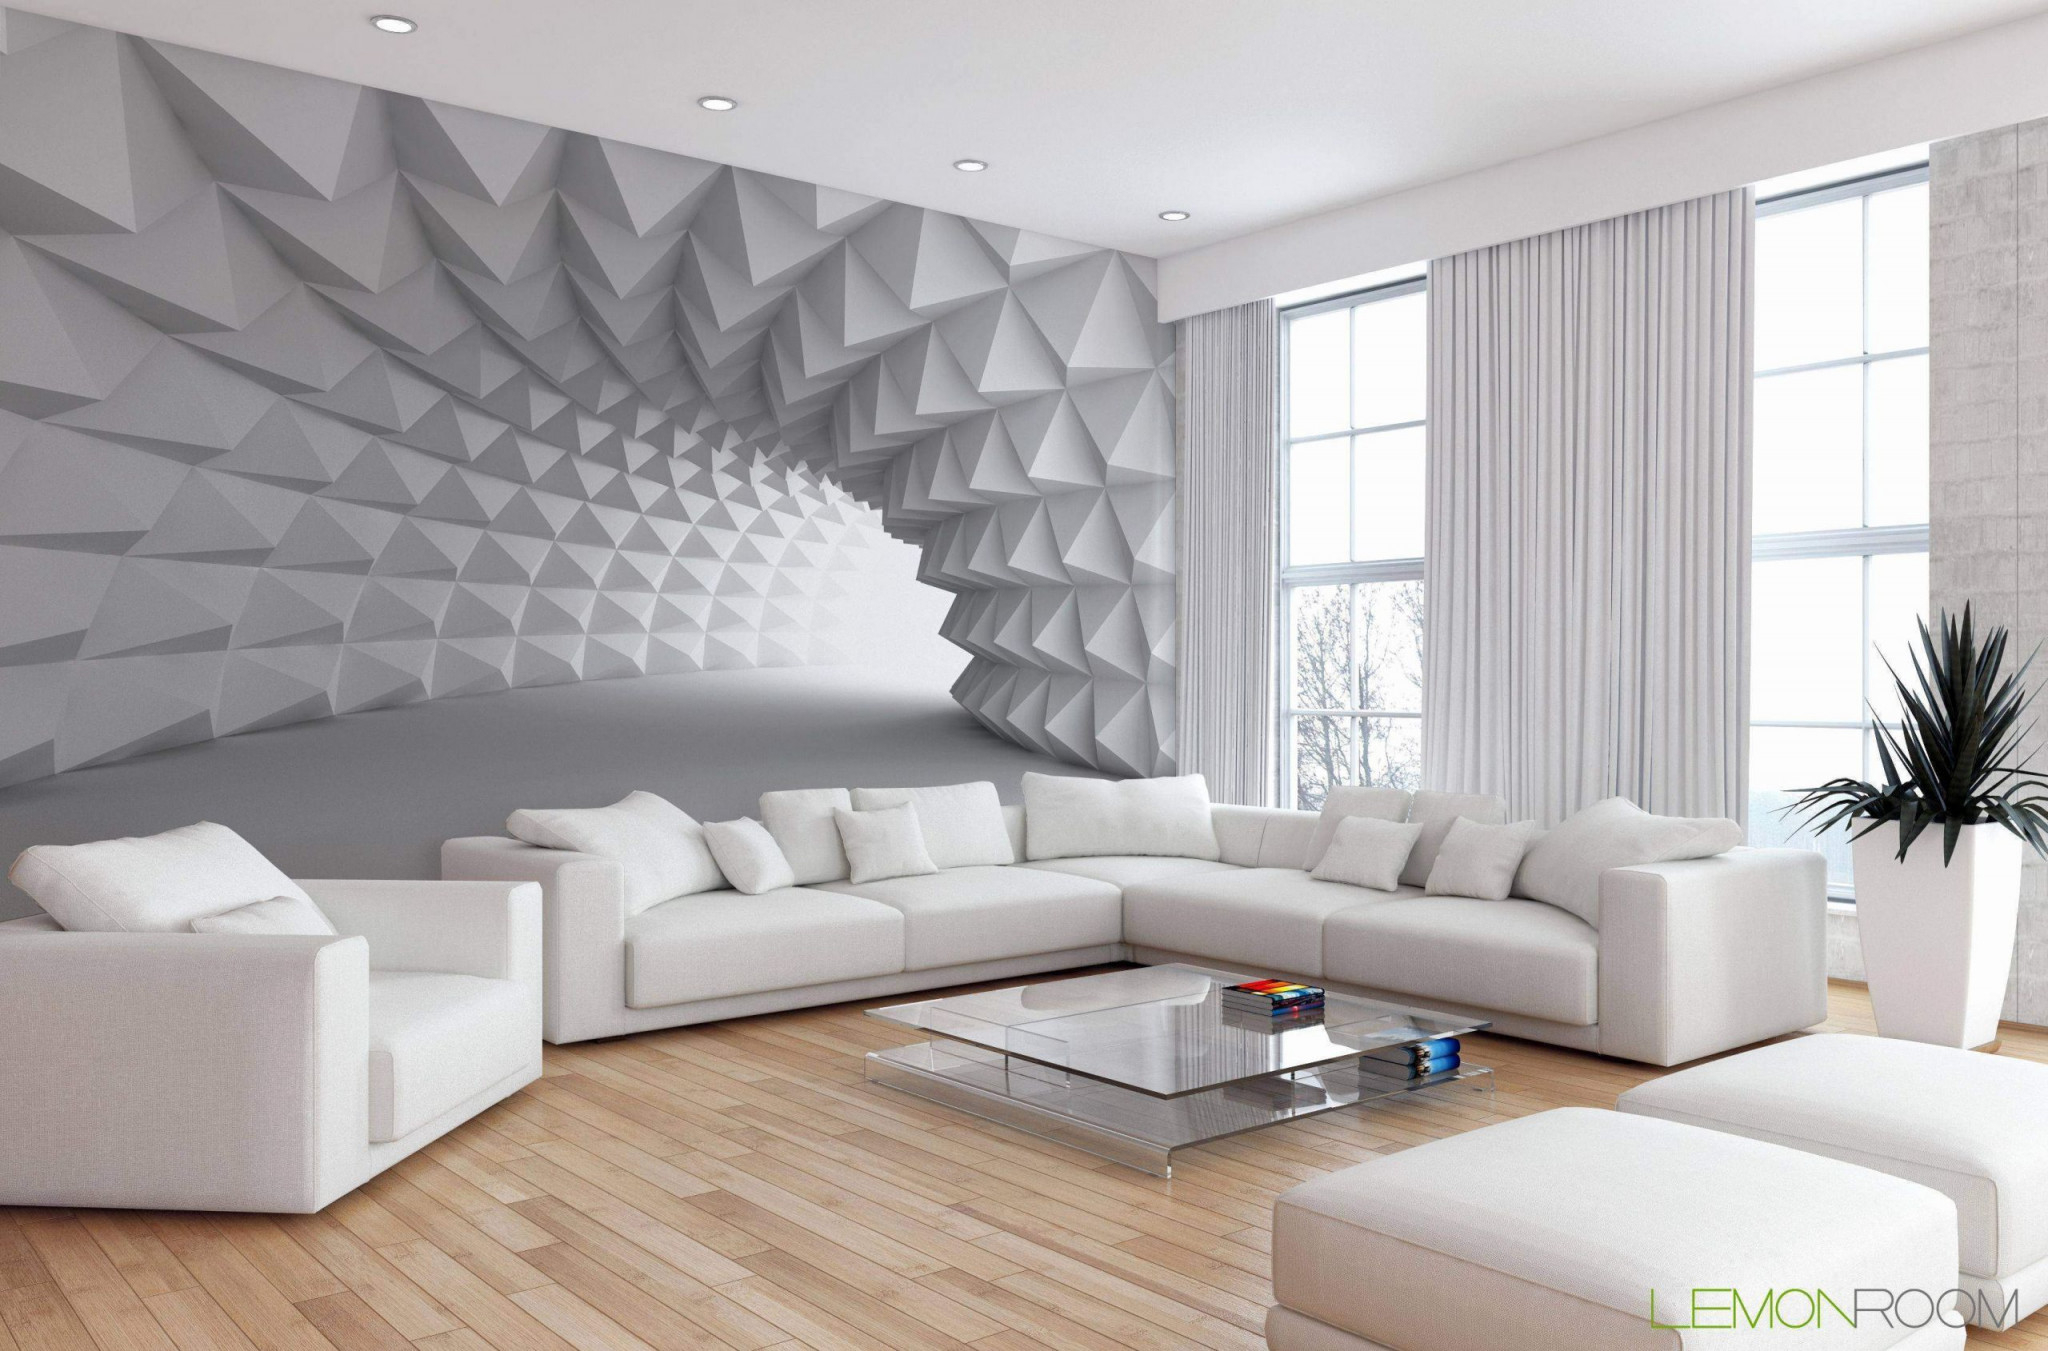 Wohnzimmer Tapezieren Ideen Luxus Tapete Wohnzimmer Ideen von Wohnzimmer Neu Tapezieren Ideen Photo